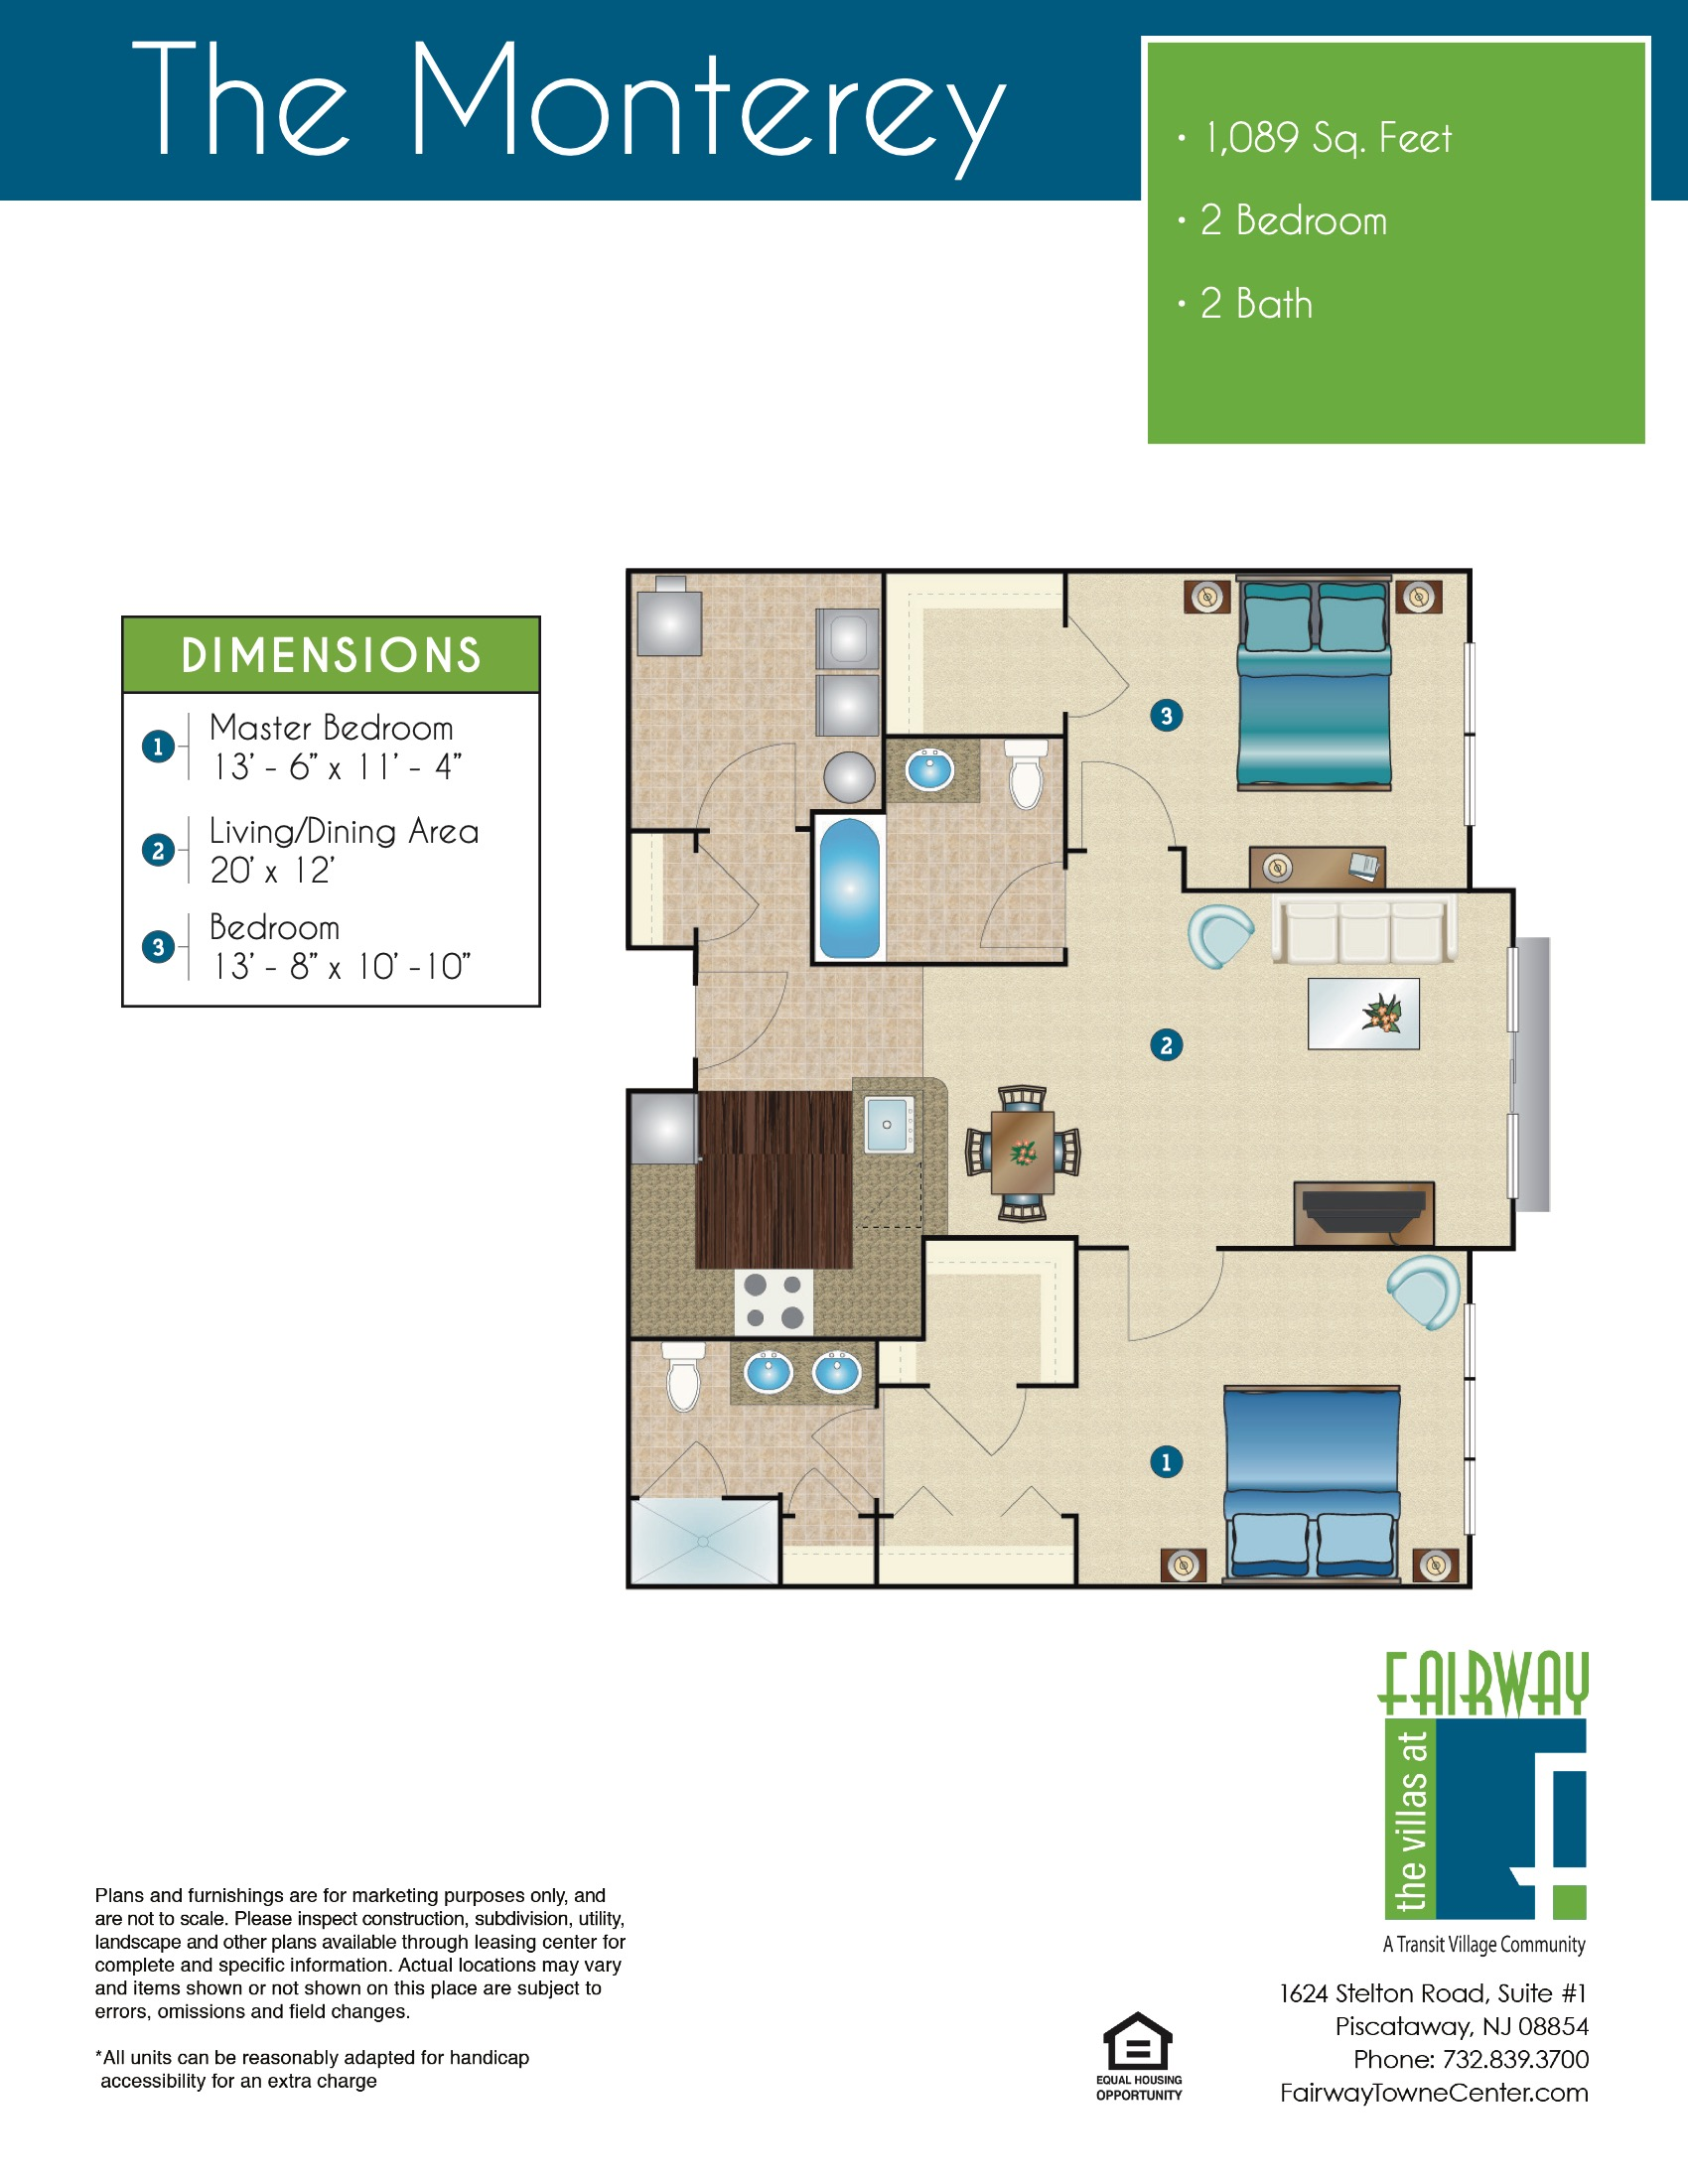 The Monterey Floor Plan